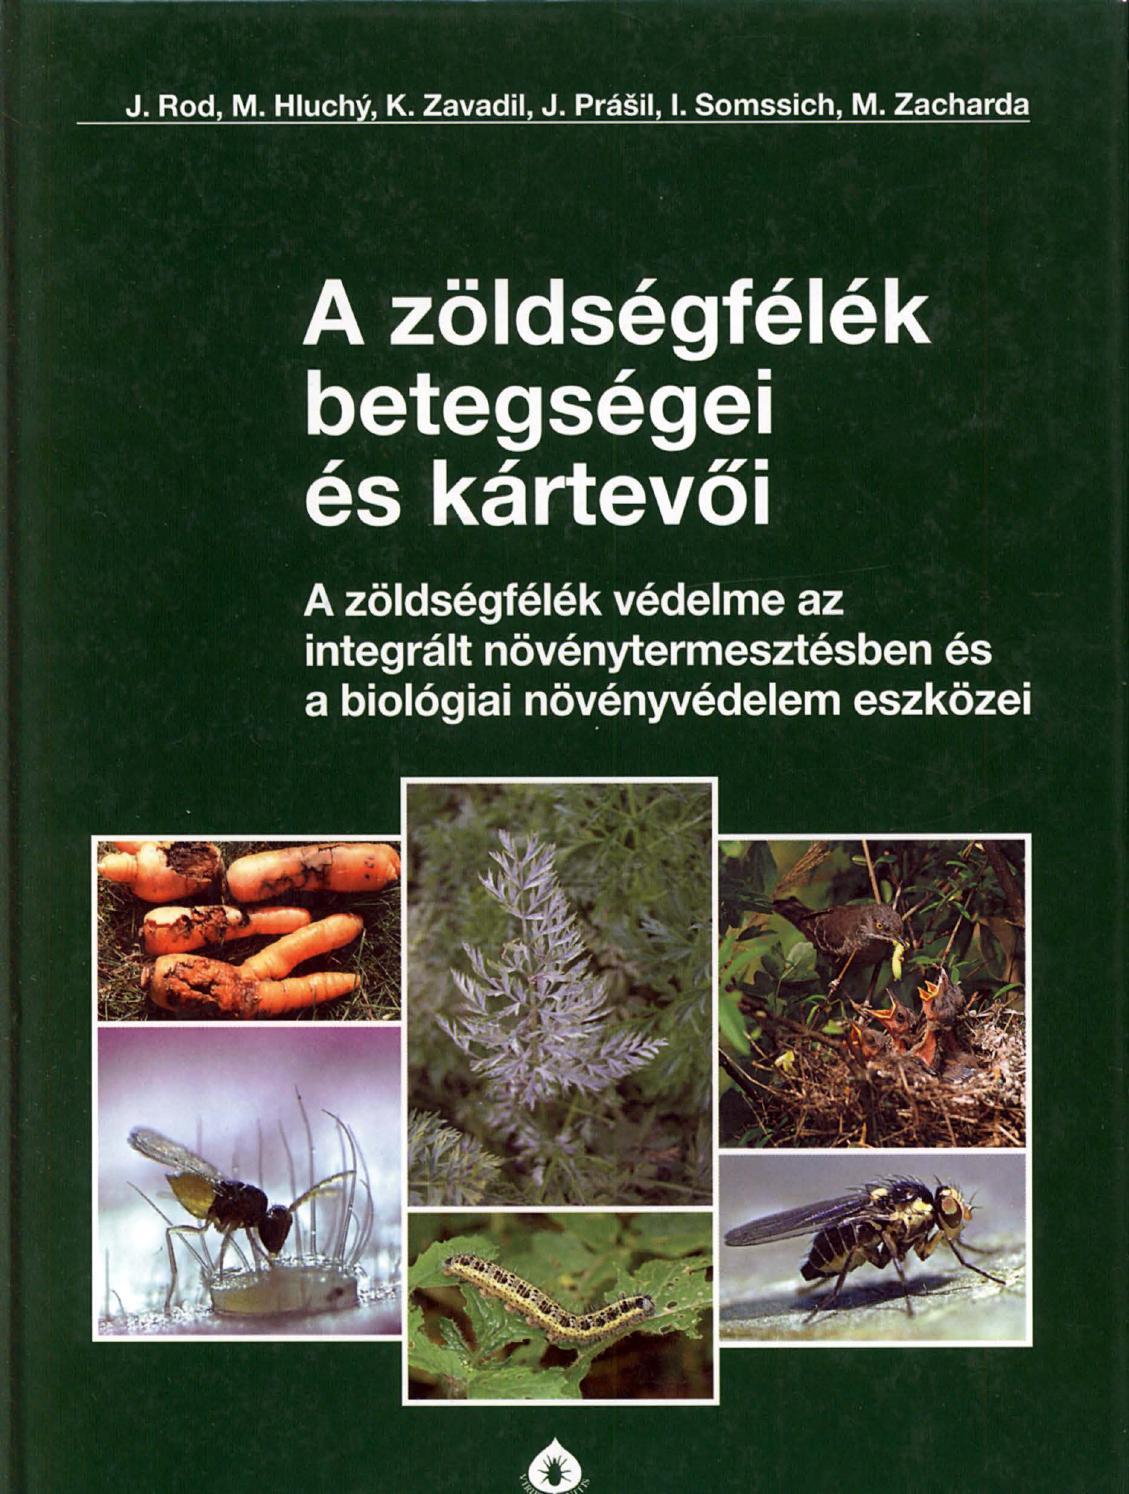 Ektoparaziták és endoparaziták példái. Biológiai kislexikon | Digitális Tankönyvtár